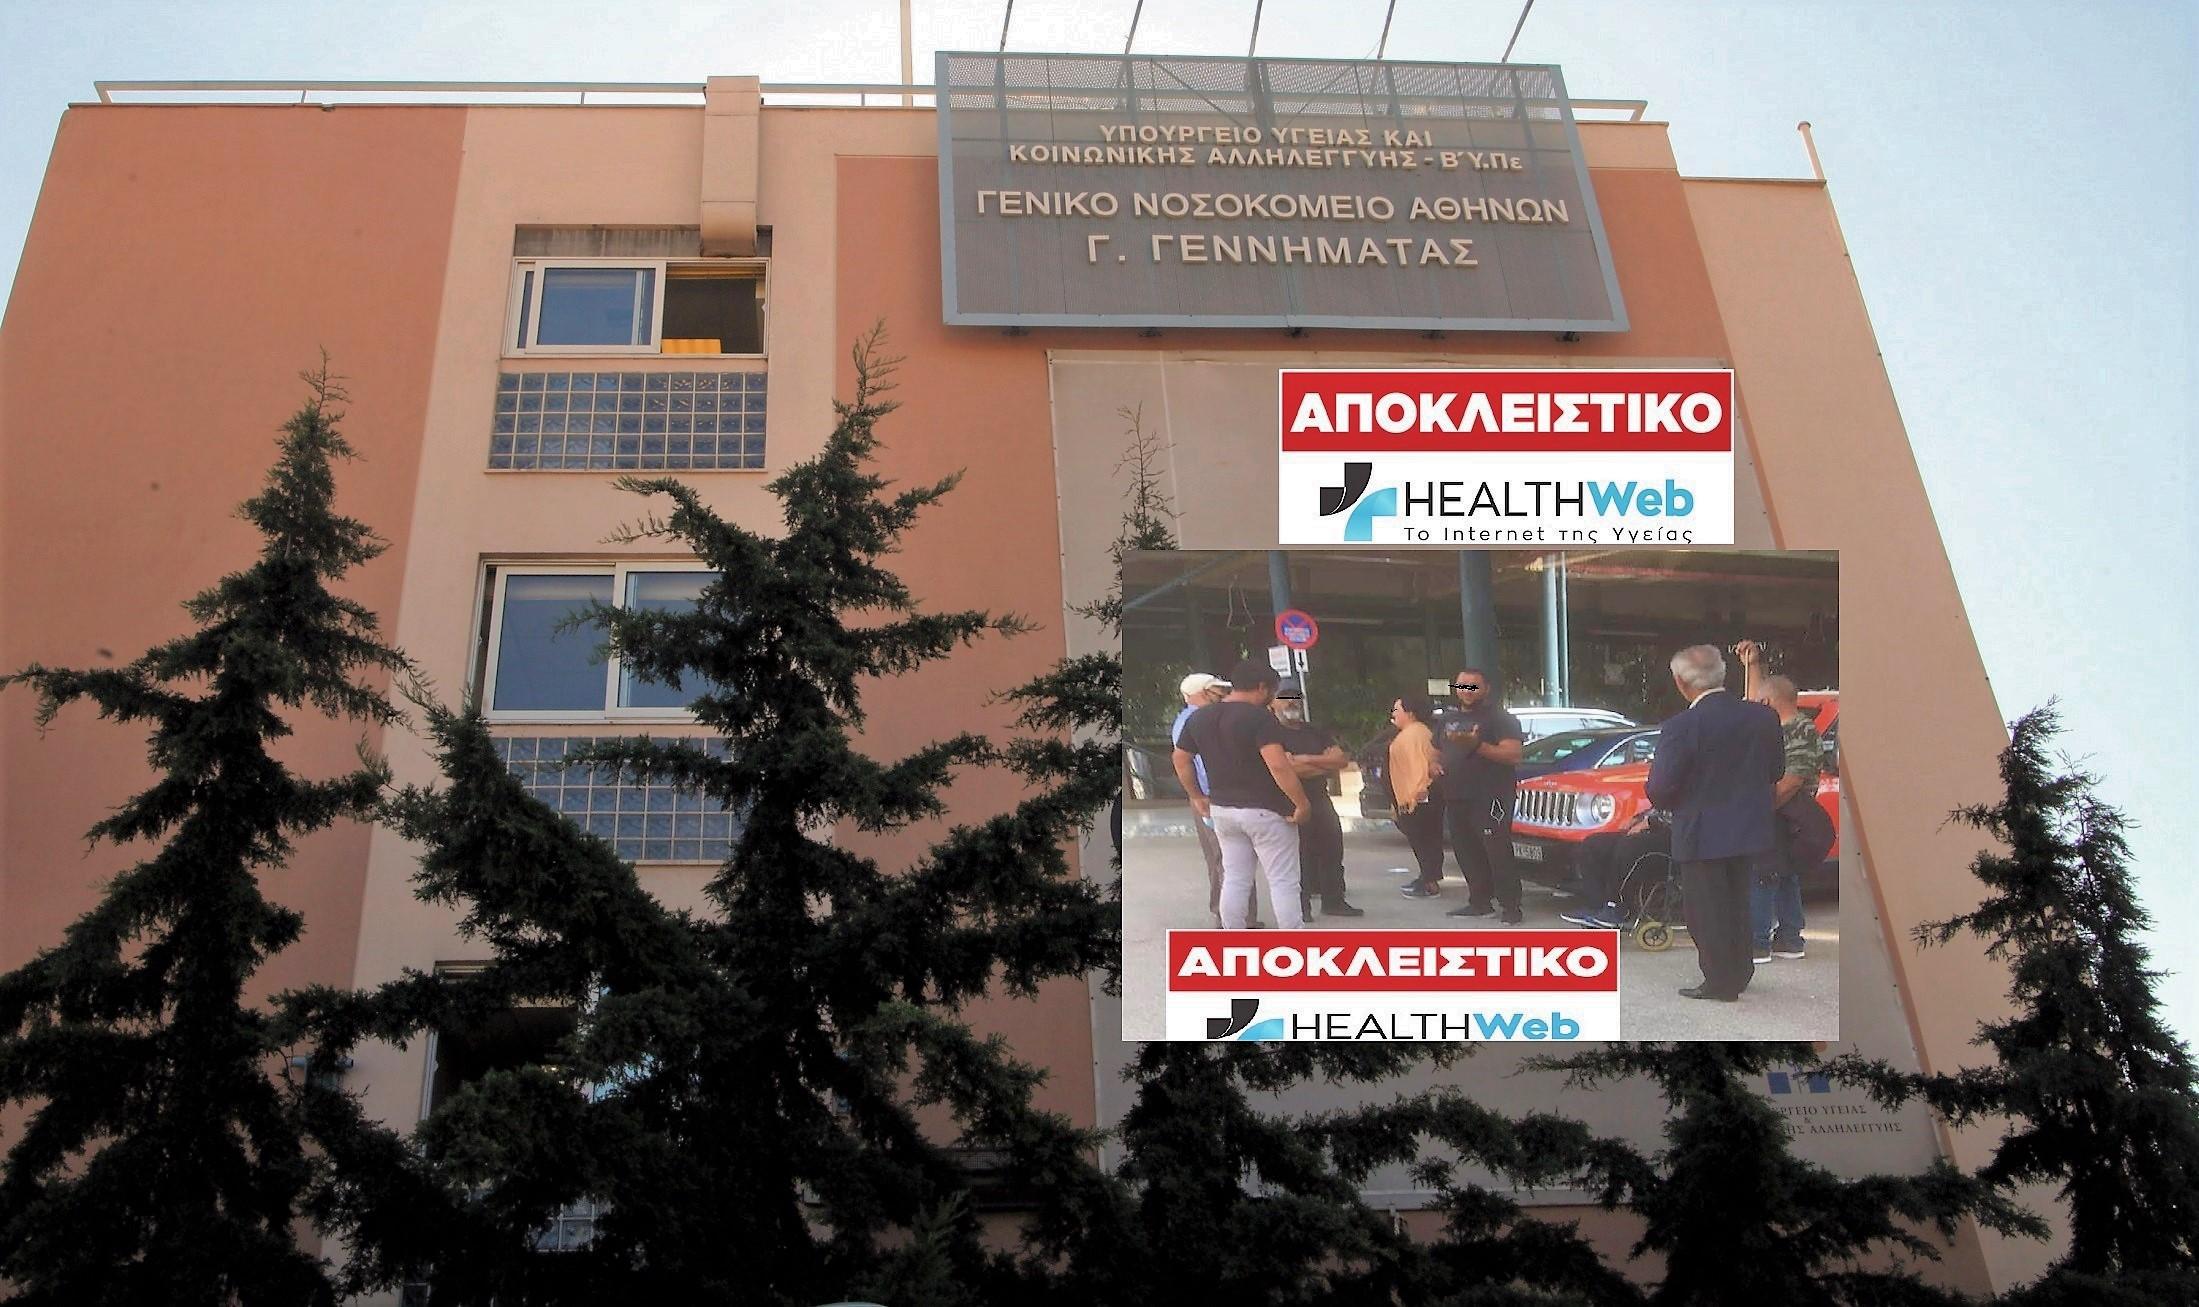 Αποκλειστικό : Νοσοκομείο «Γ. Γεννηματάς» Αθηνών:Ανεξέλεγκτος συνωστισμός από Ρομά χωρίς μάσκες